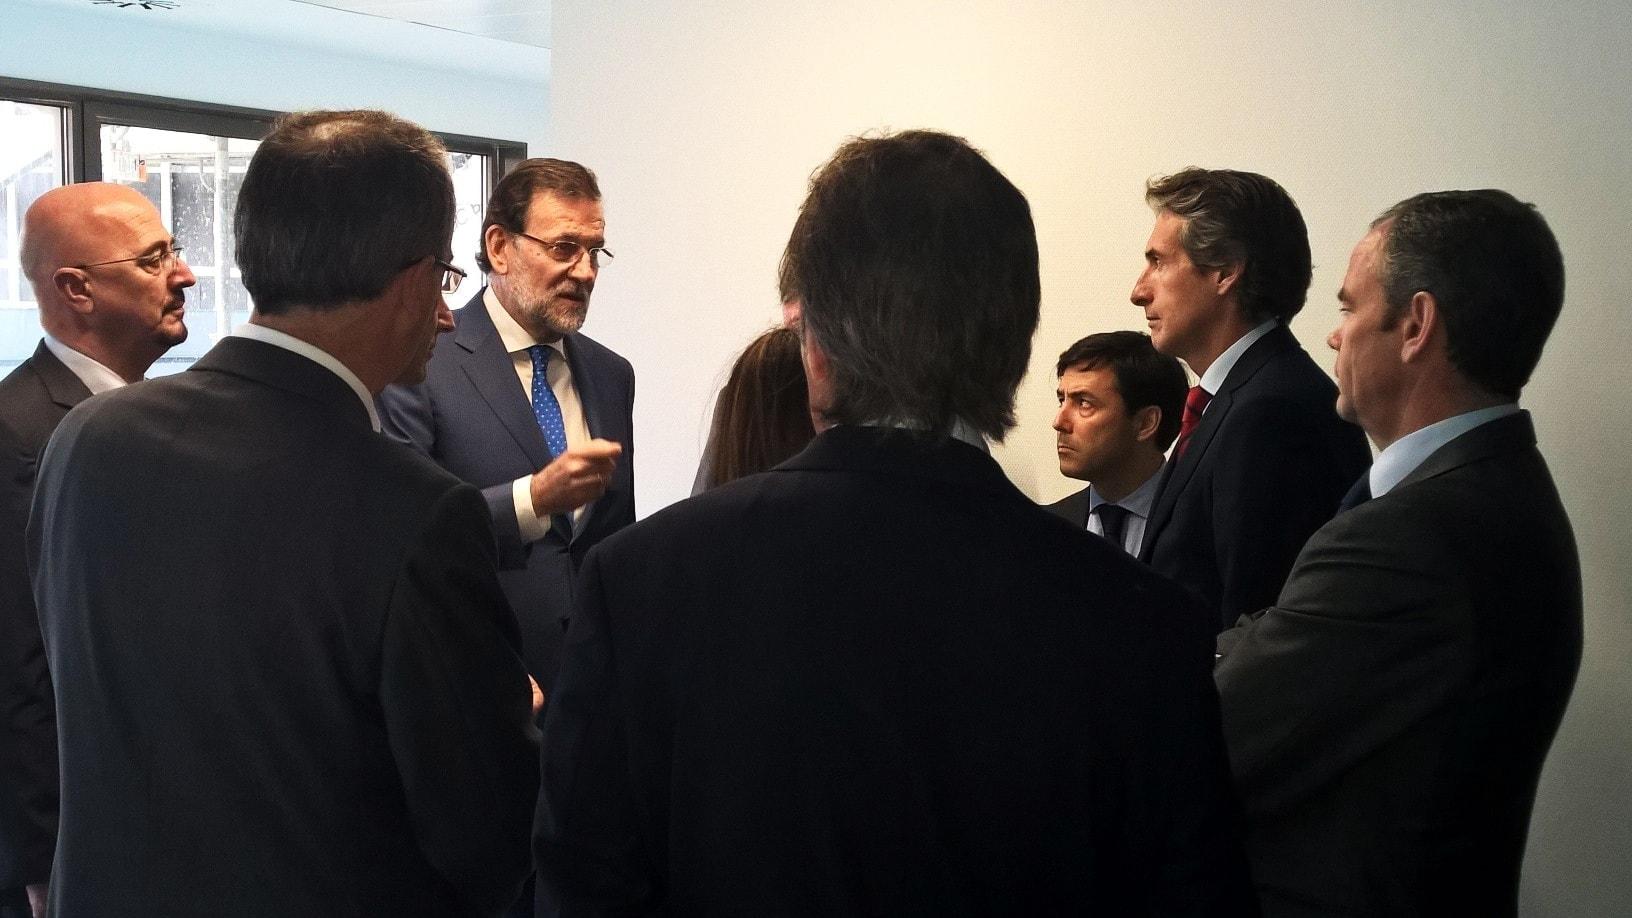 Mariano Rajoy, consejero delegado de Ferrovial Iñigo Meirás; el presidente de Cantabria, Ignacio Diego, y la consejera autonómica de Sanidad y Servicios Sociales, María José Sáenz de Buruaga